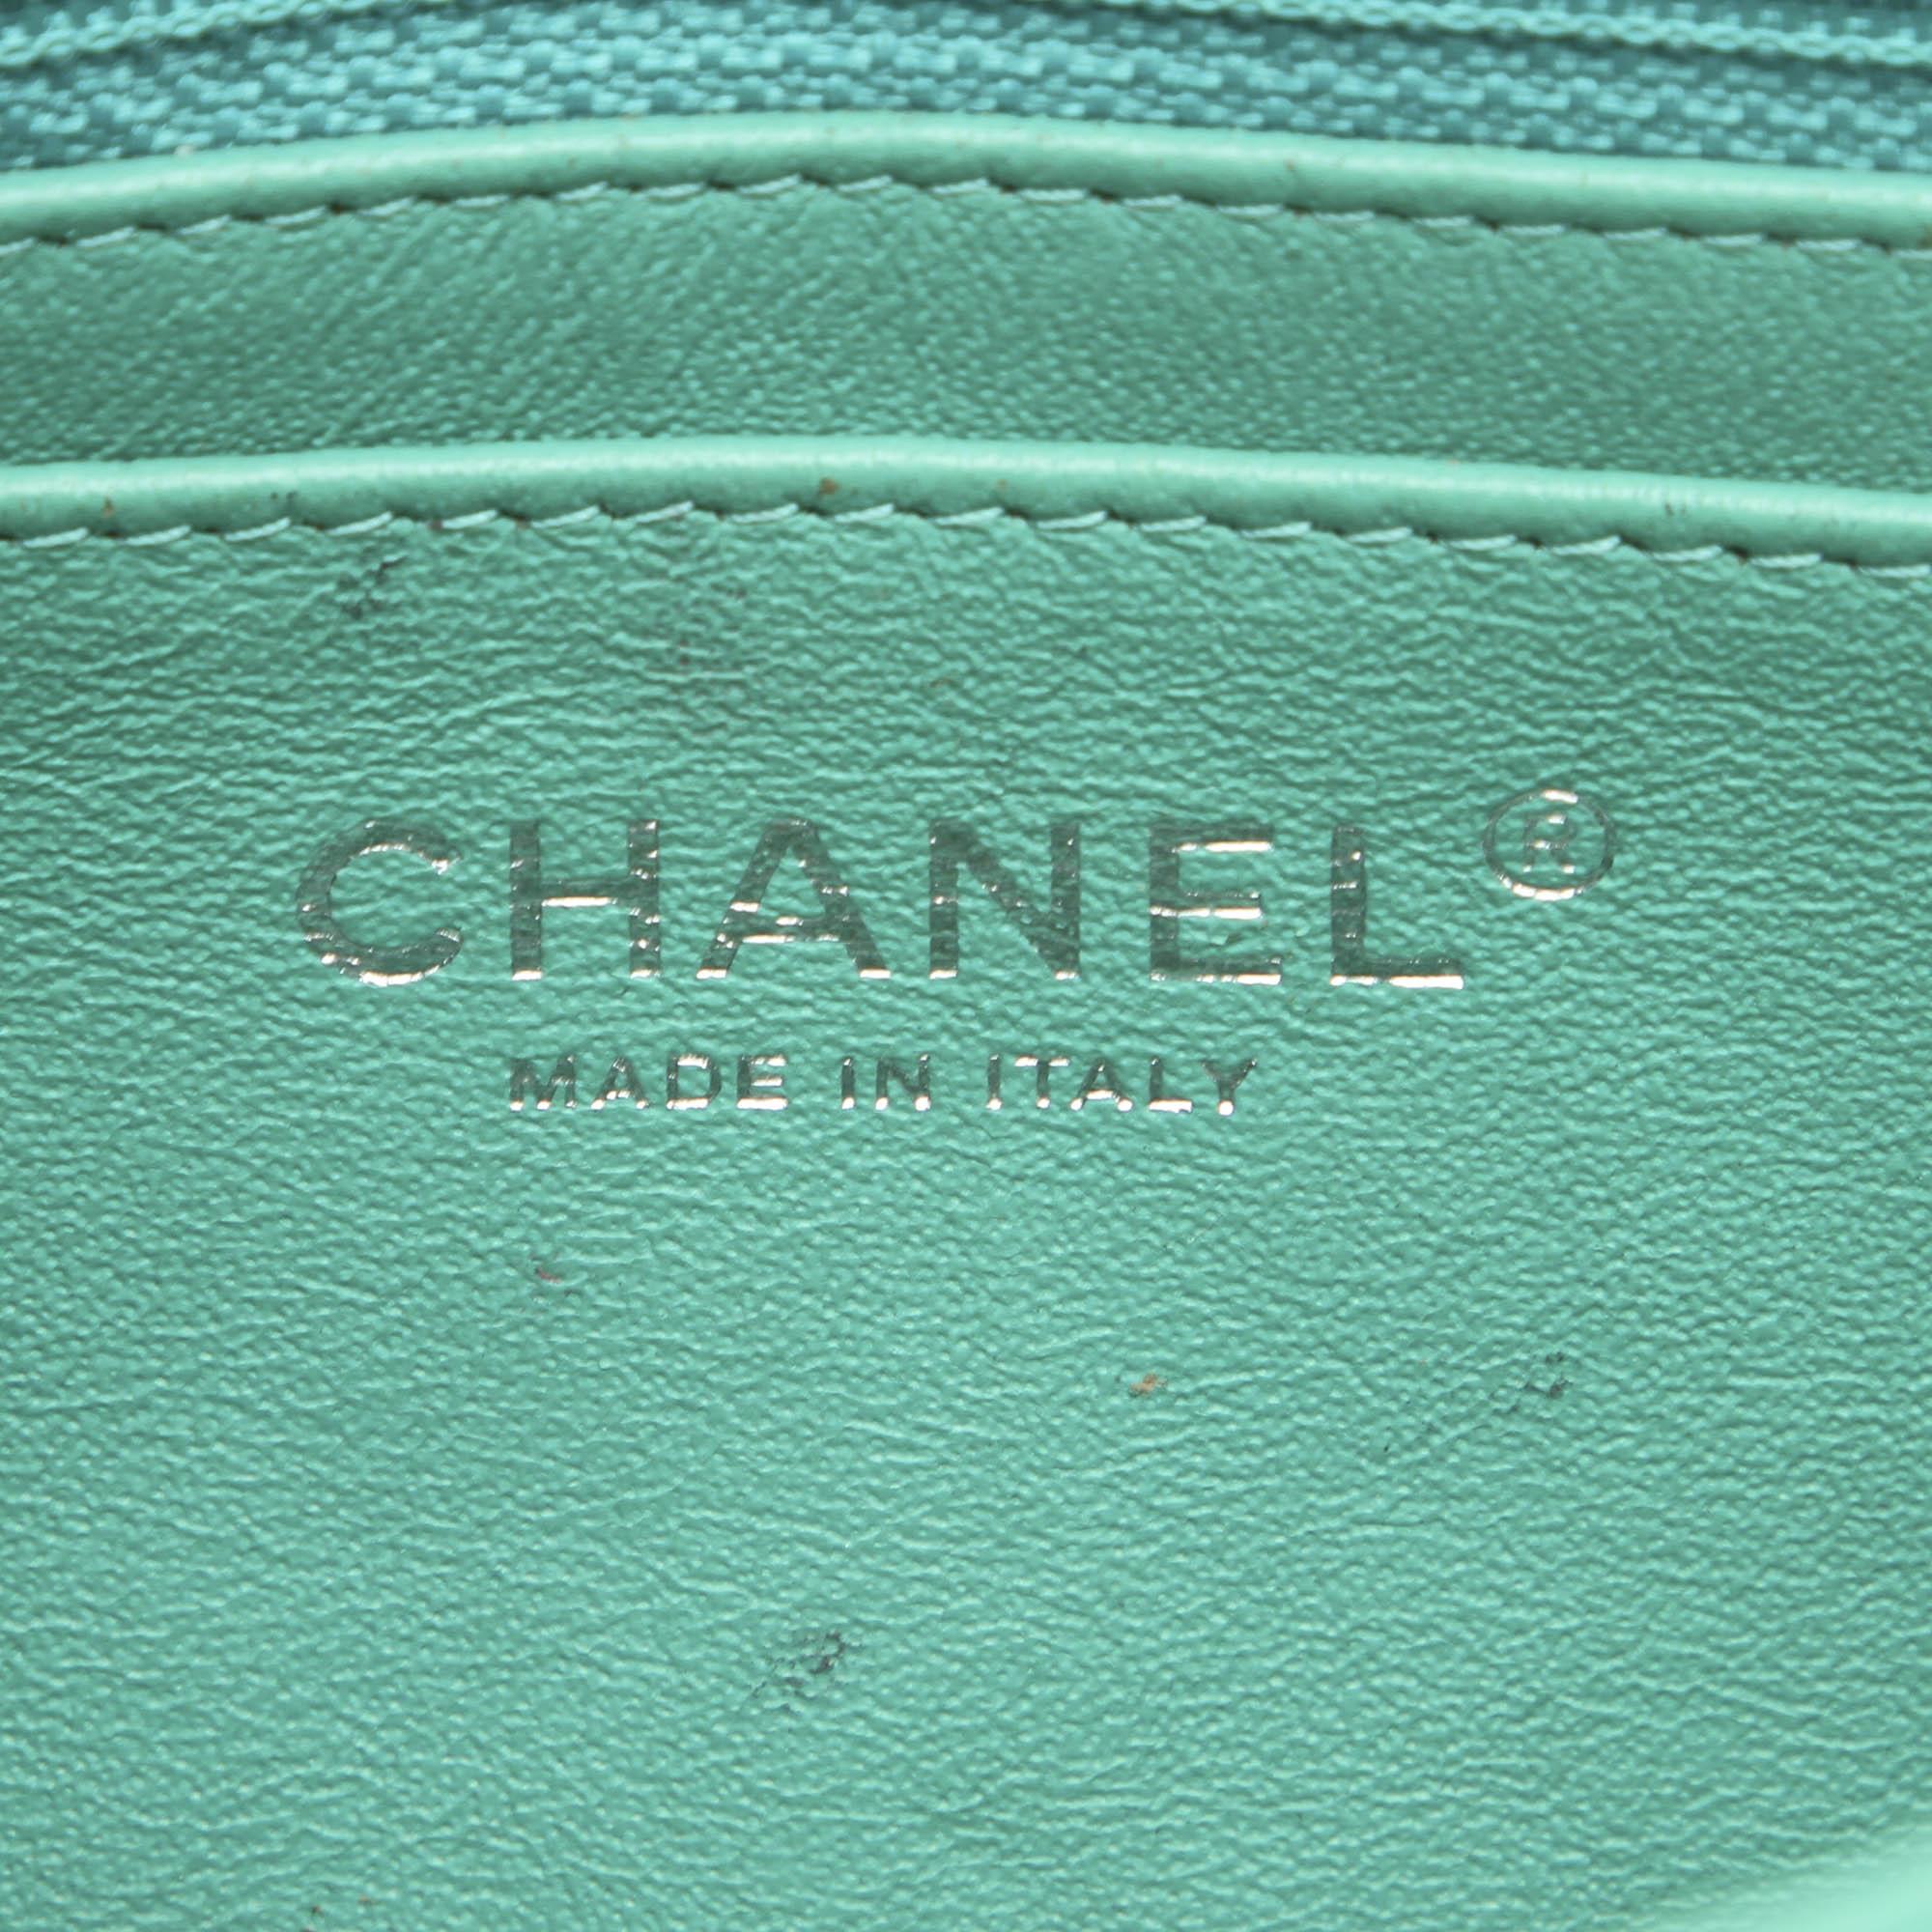 Chanel Classic Mini Flap Bag